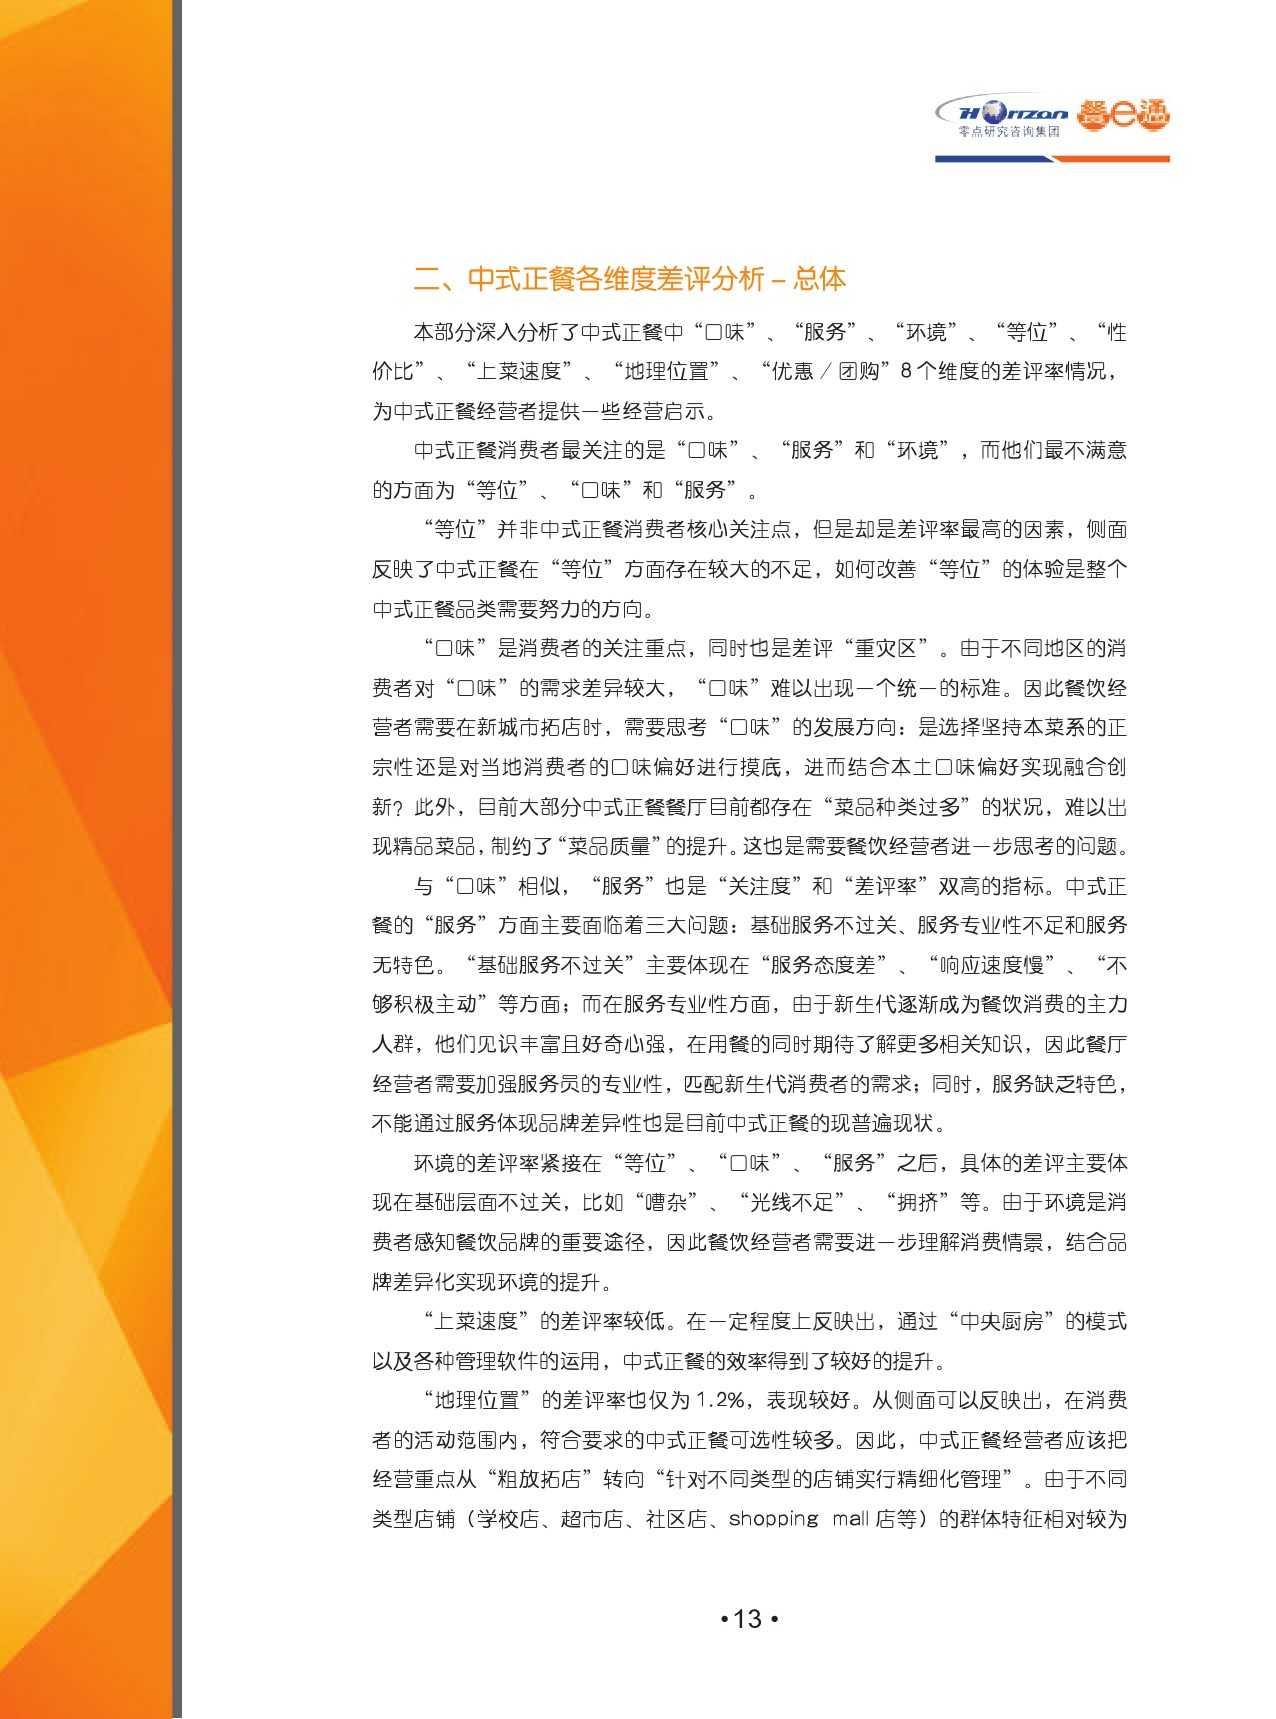 2015中国餐饮消费需求大数据分析报告_000015